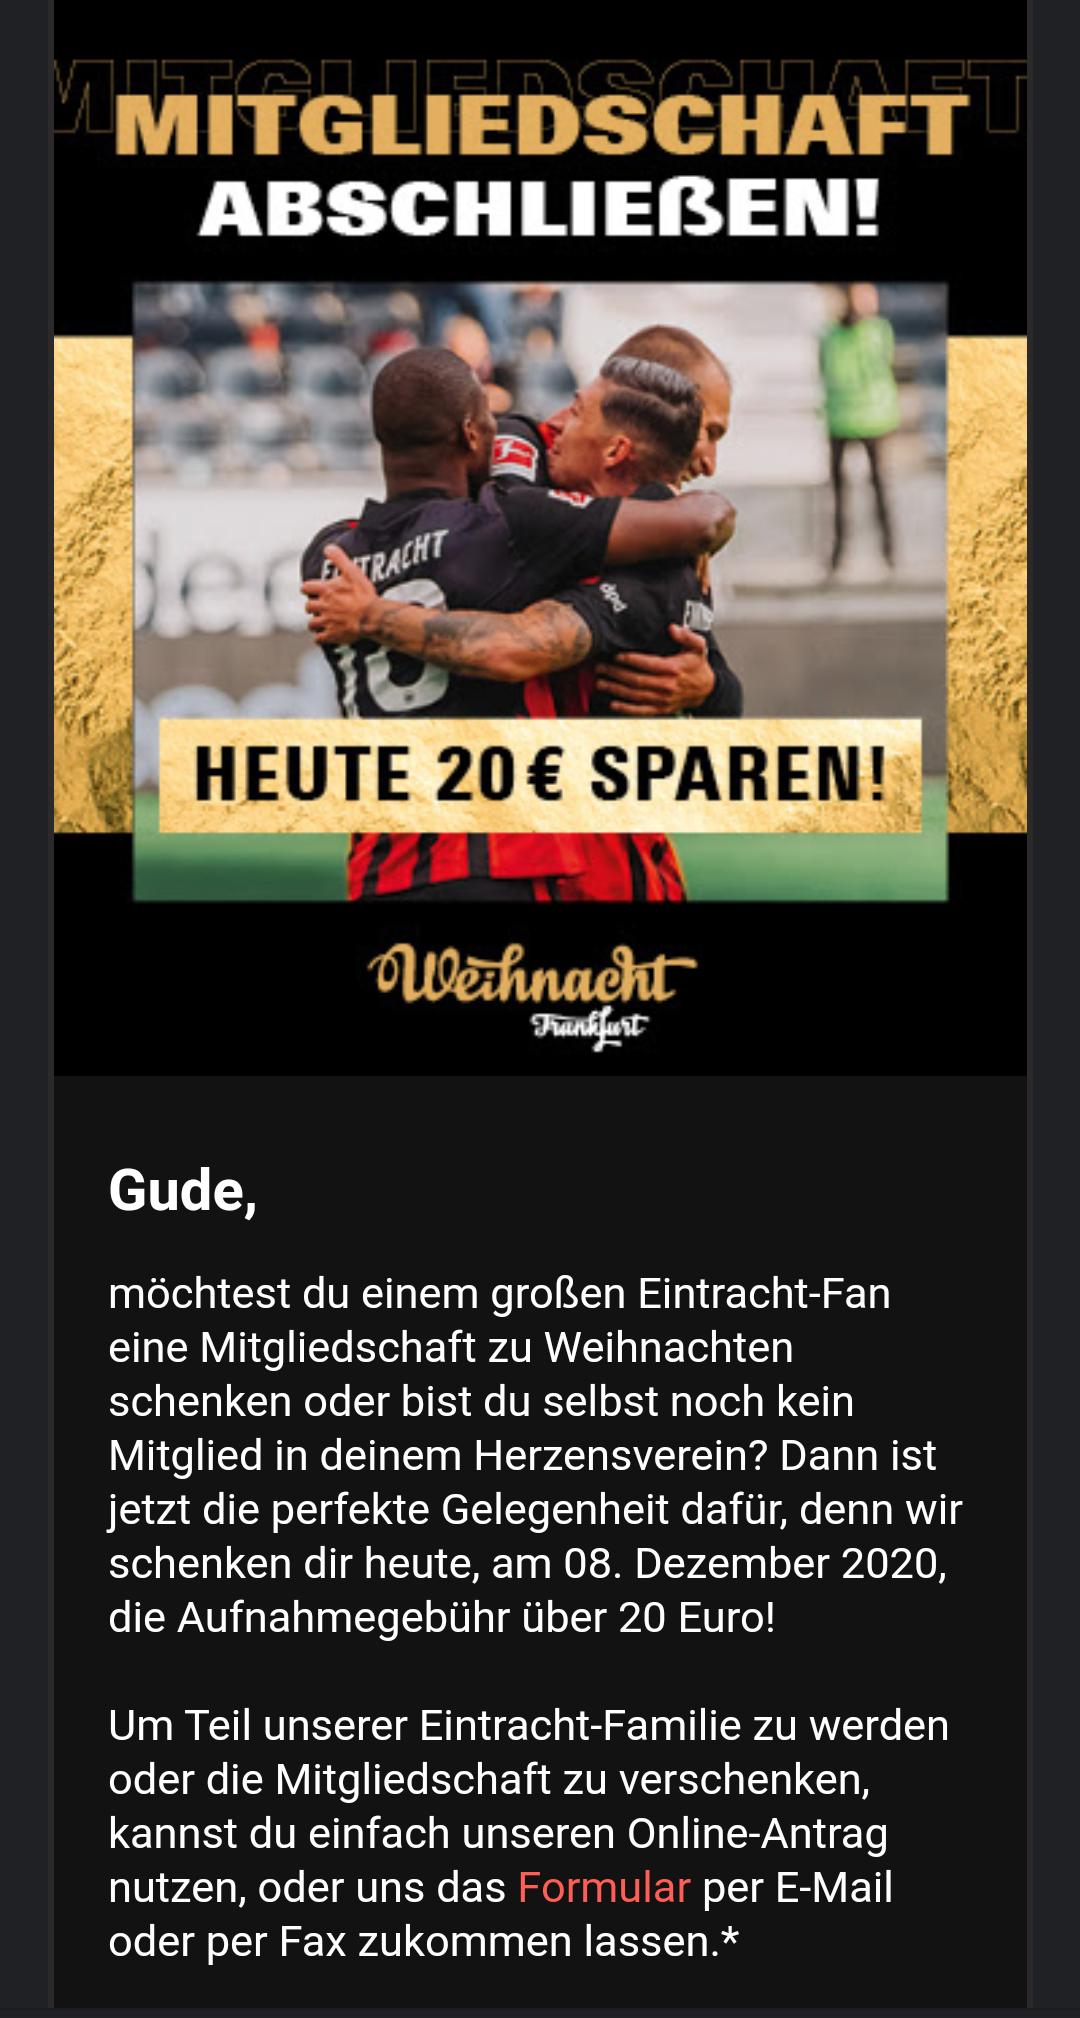 Eintracht Frankfurt Mitgliedschaft nur heute (08.12.2020) ohne Anmeldegebühr